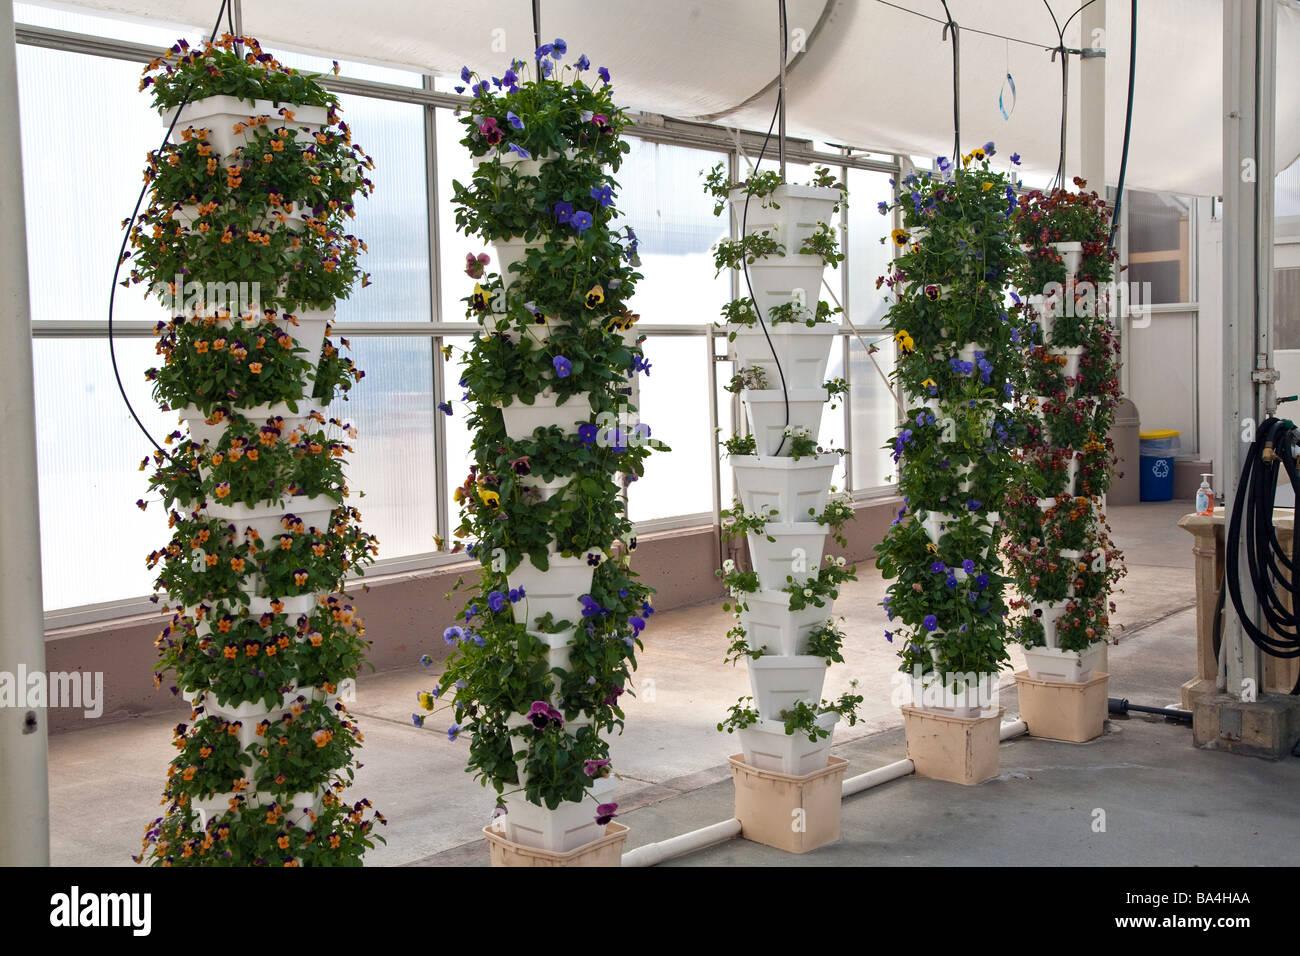 pflanzen obst und blumen angebaut wird in einer hydrokultur gew chshaus in florida usa. Black Bedroom Furniture Sets. Home Design Ideas